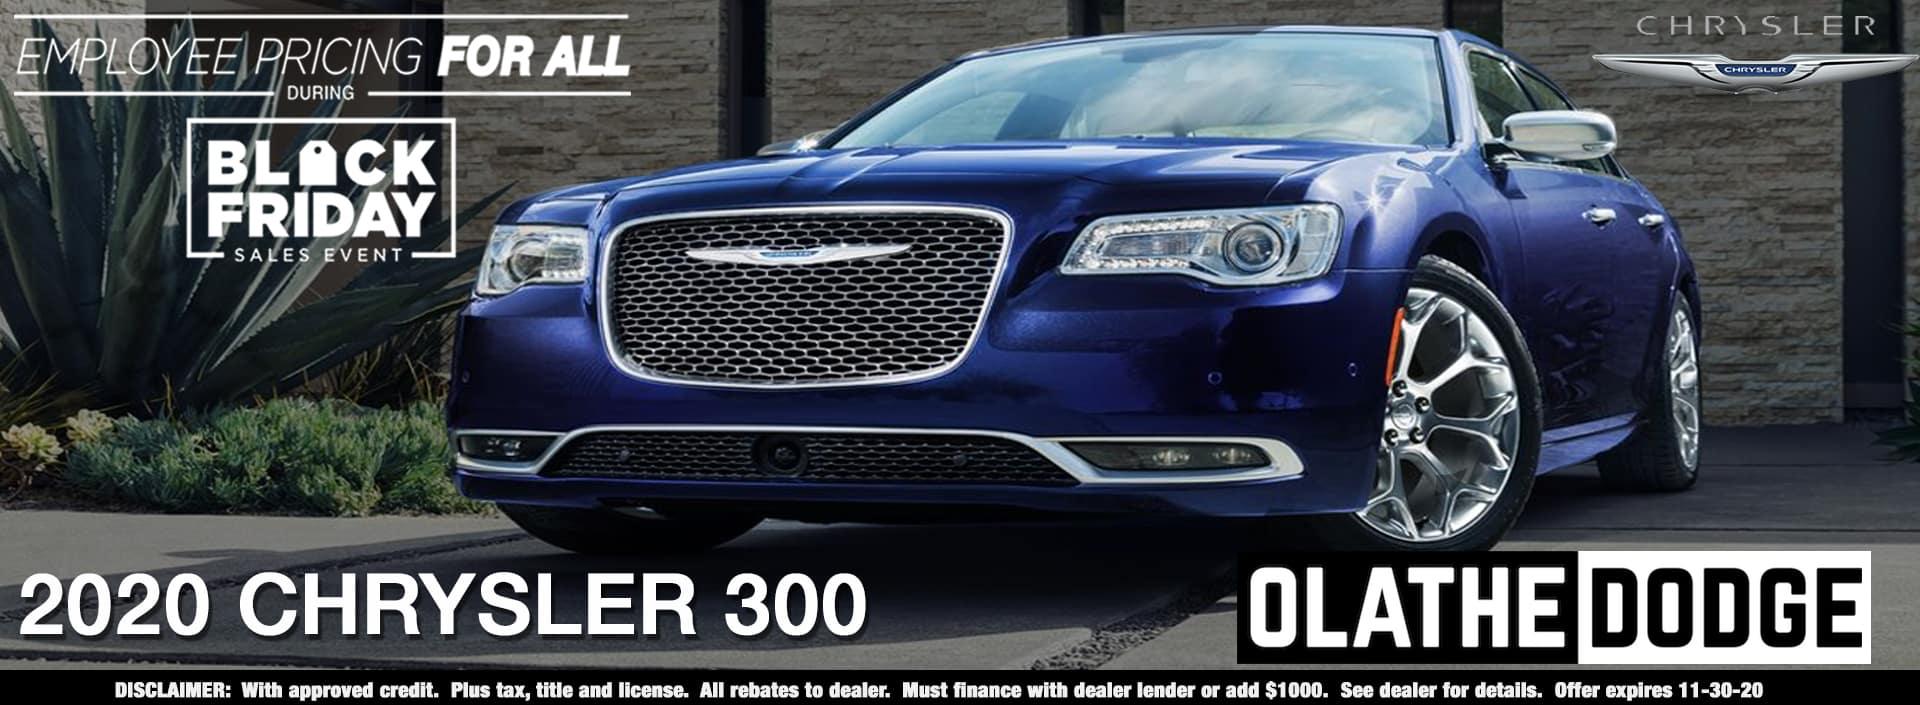 11.12.2020. Olathe Dodge. Chrysler 300. 1920×705